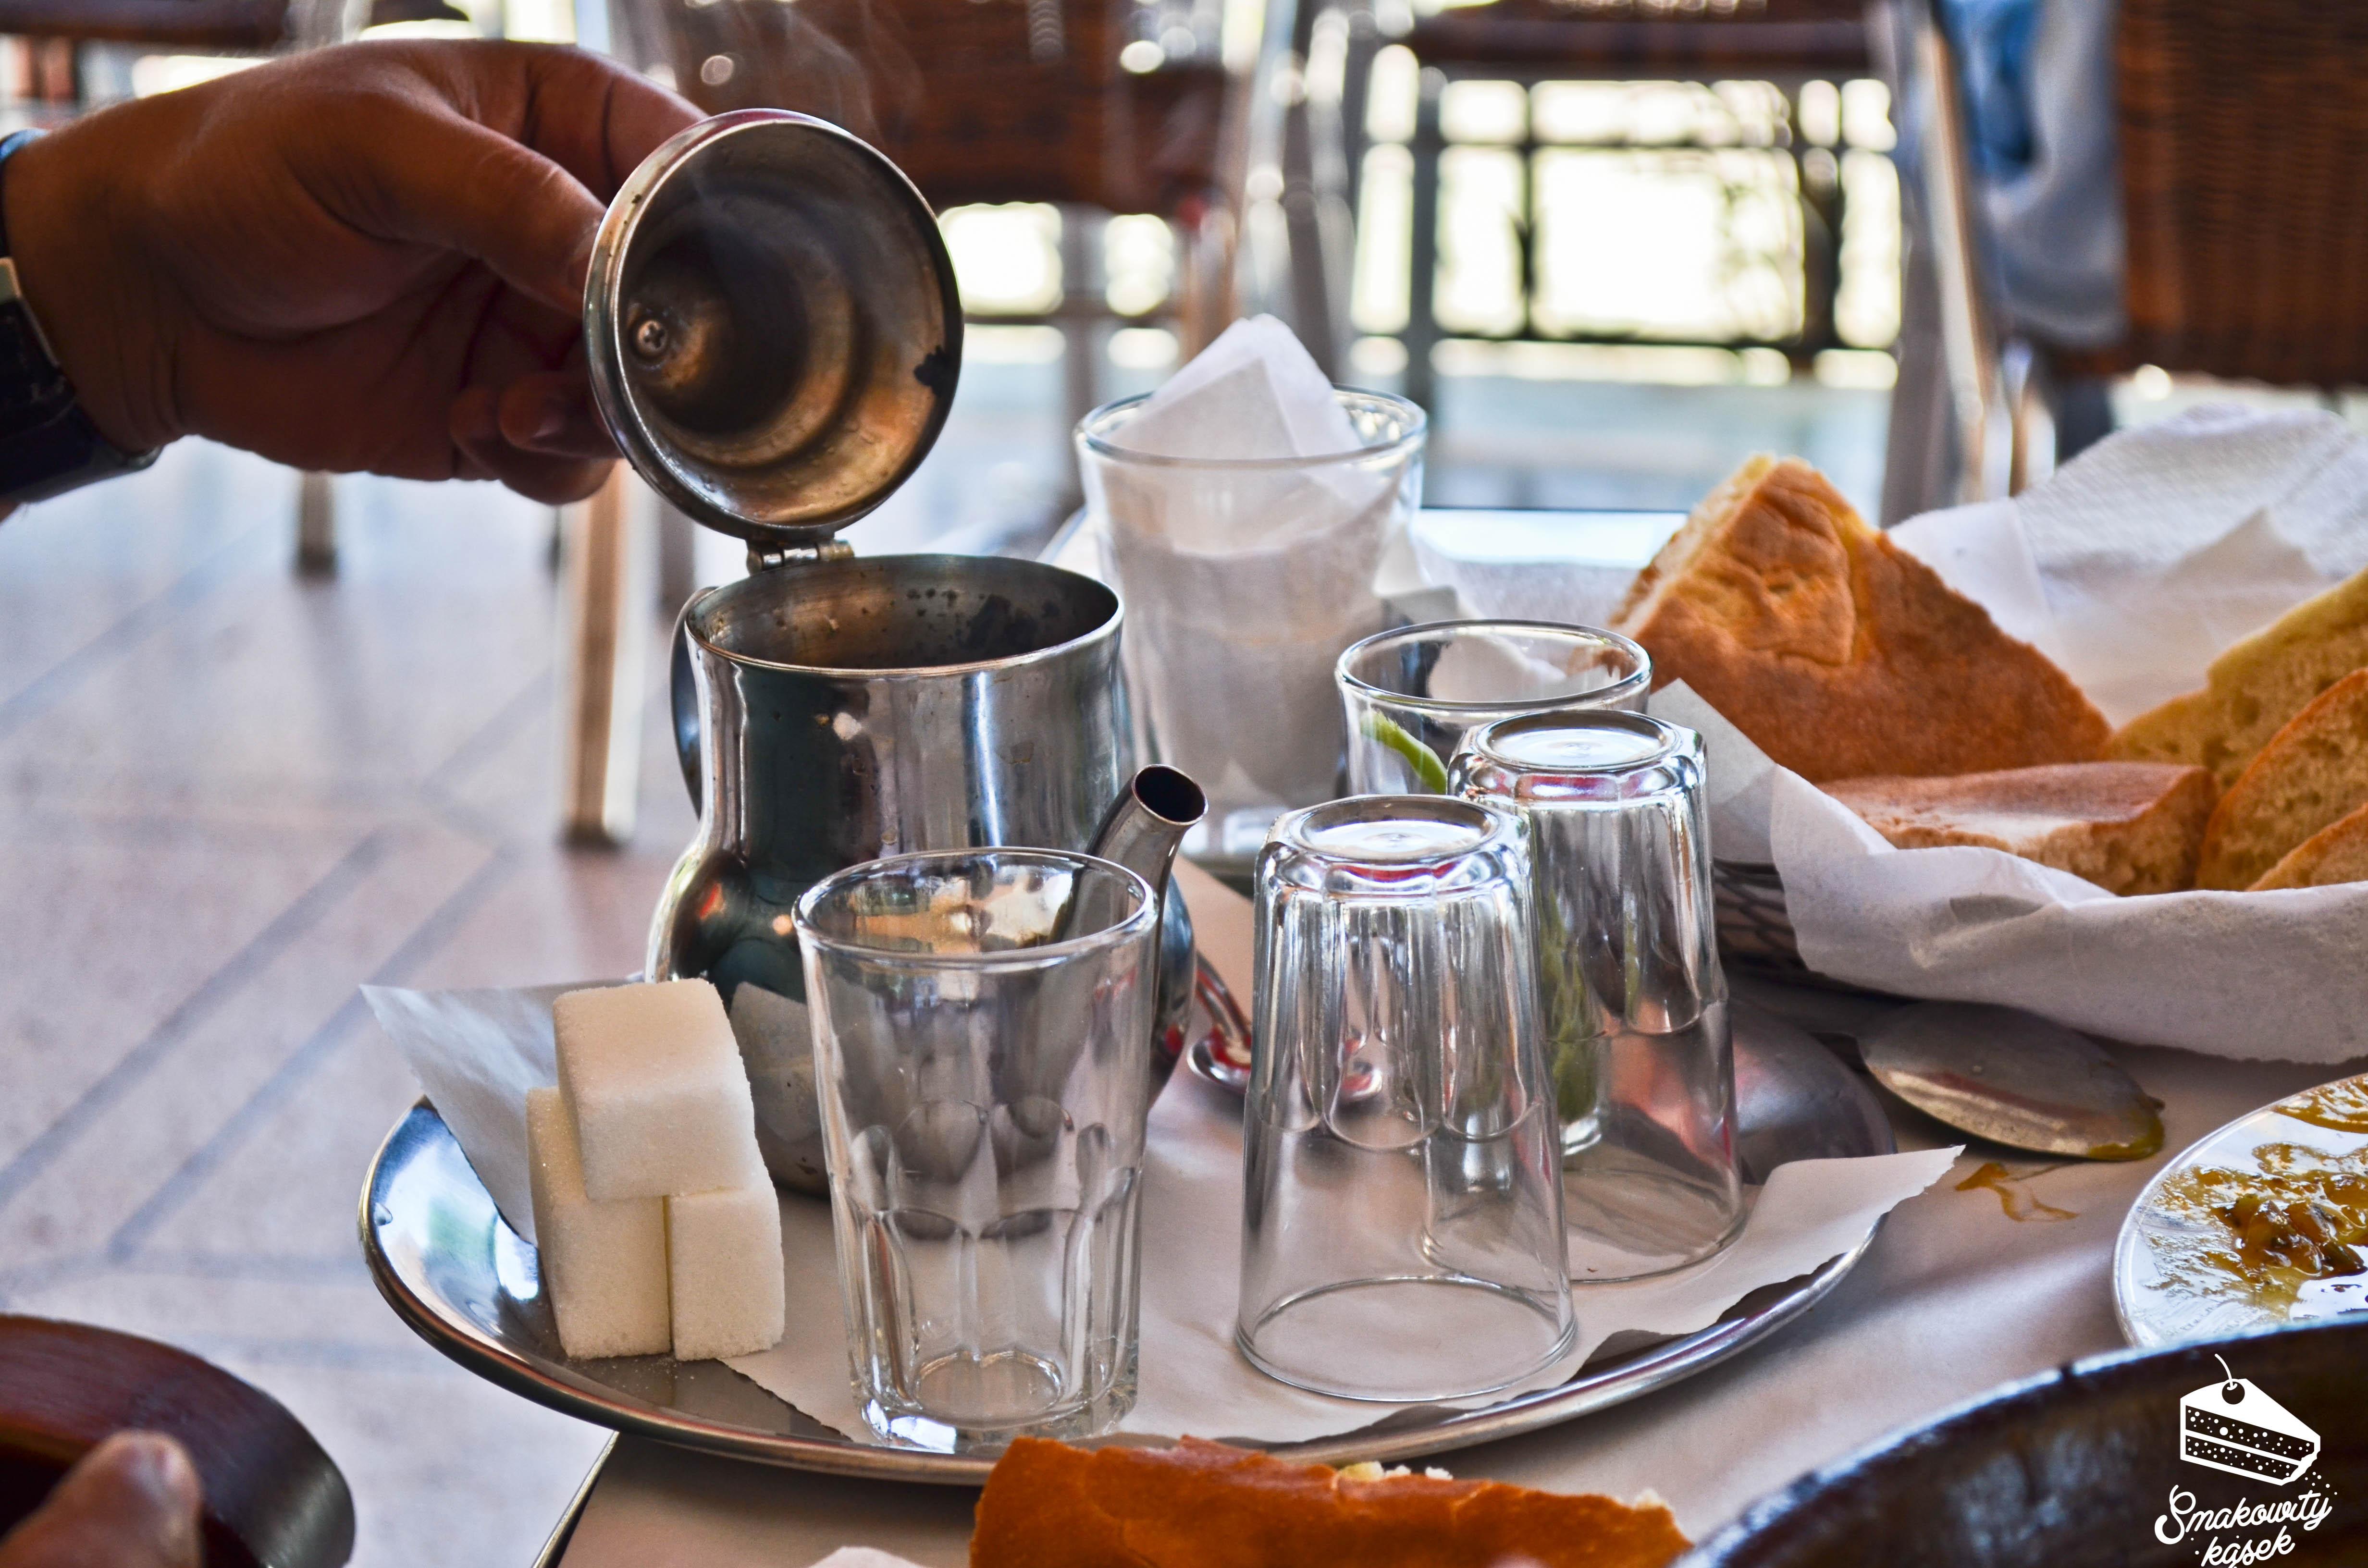 marokanskie jedzenie (1 of 1)-10